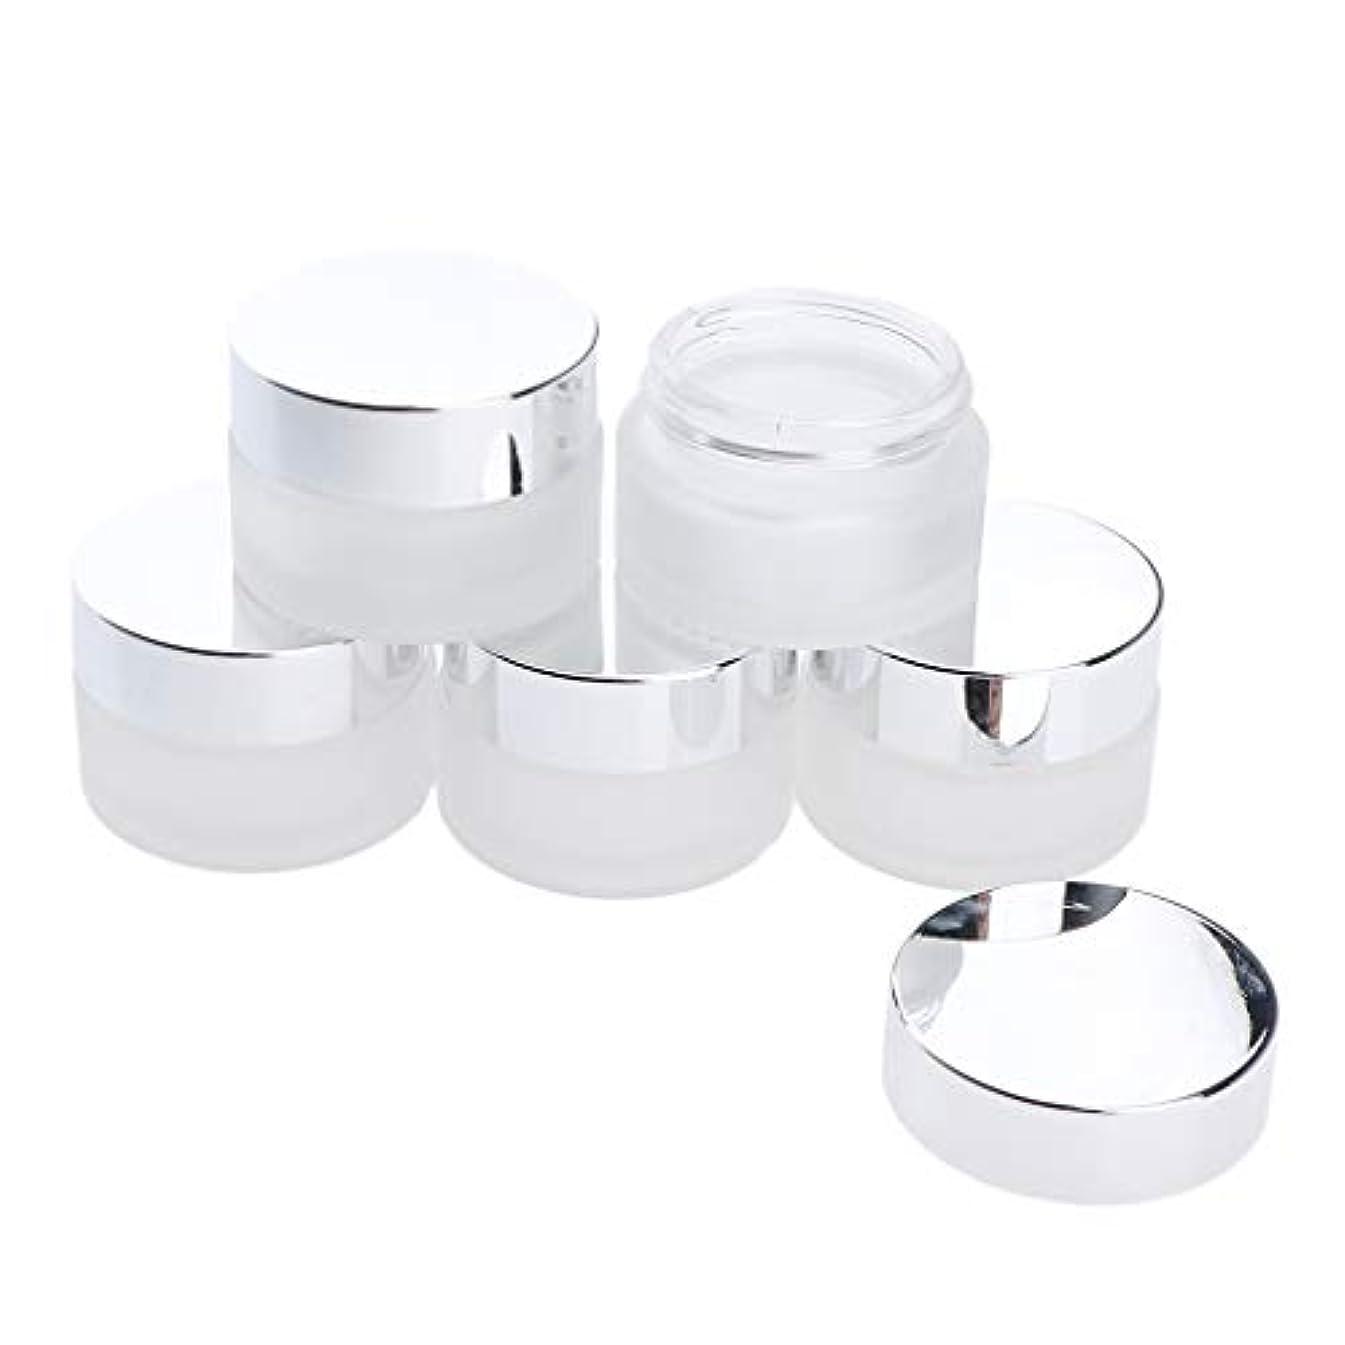 スイング温室ストライク5本 ガラス瓶 メイクアップ フェイスクリーム オイル DIY 小分け容器 2サイズ選べ - 20g